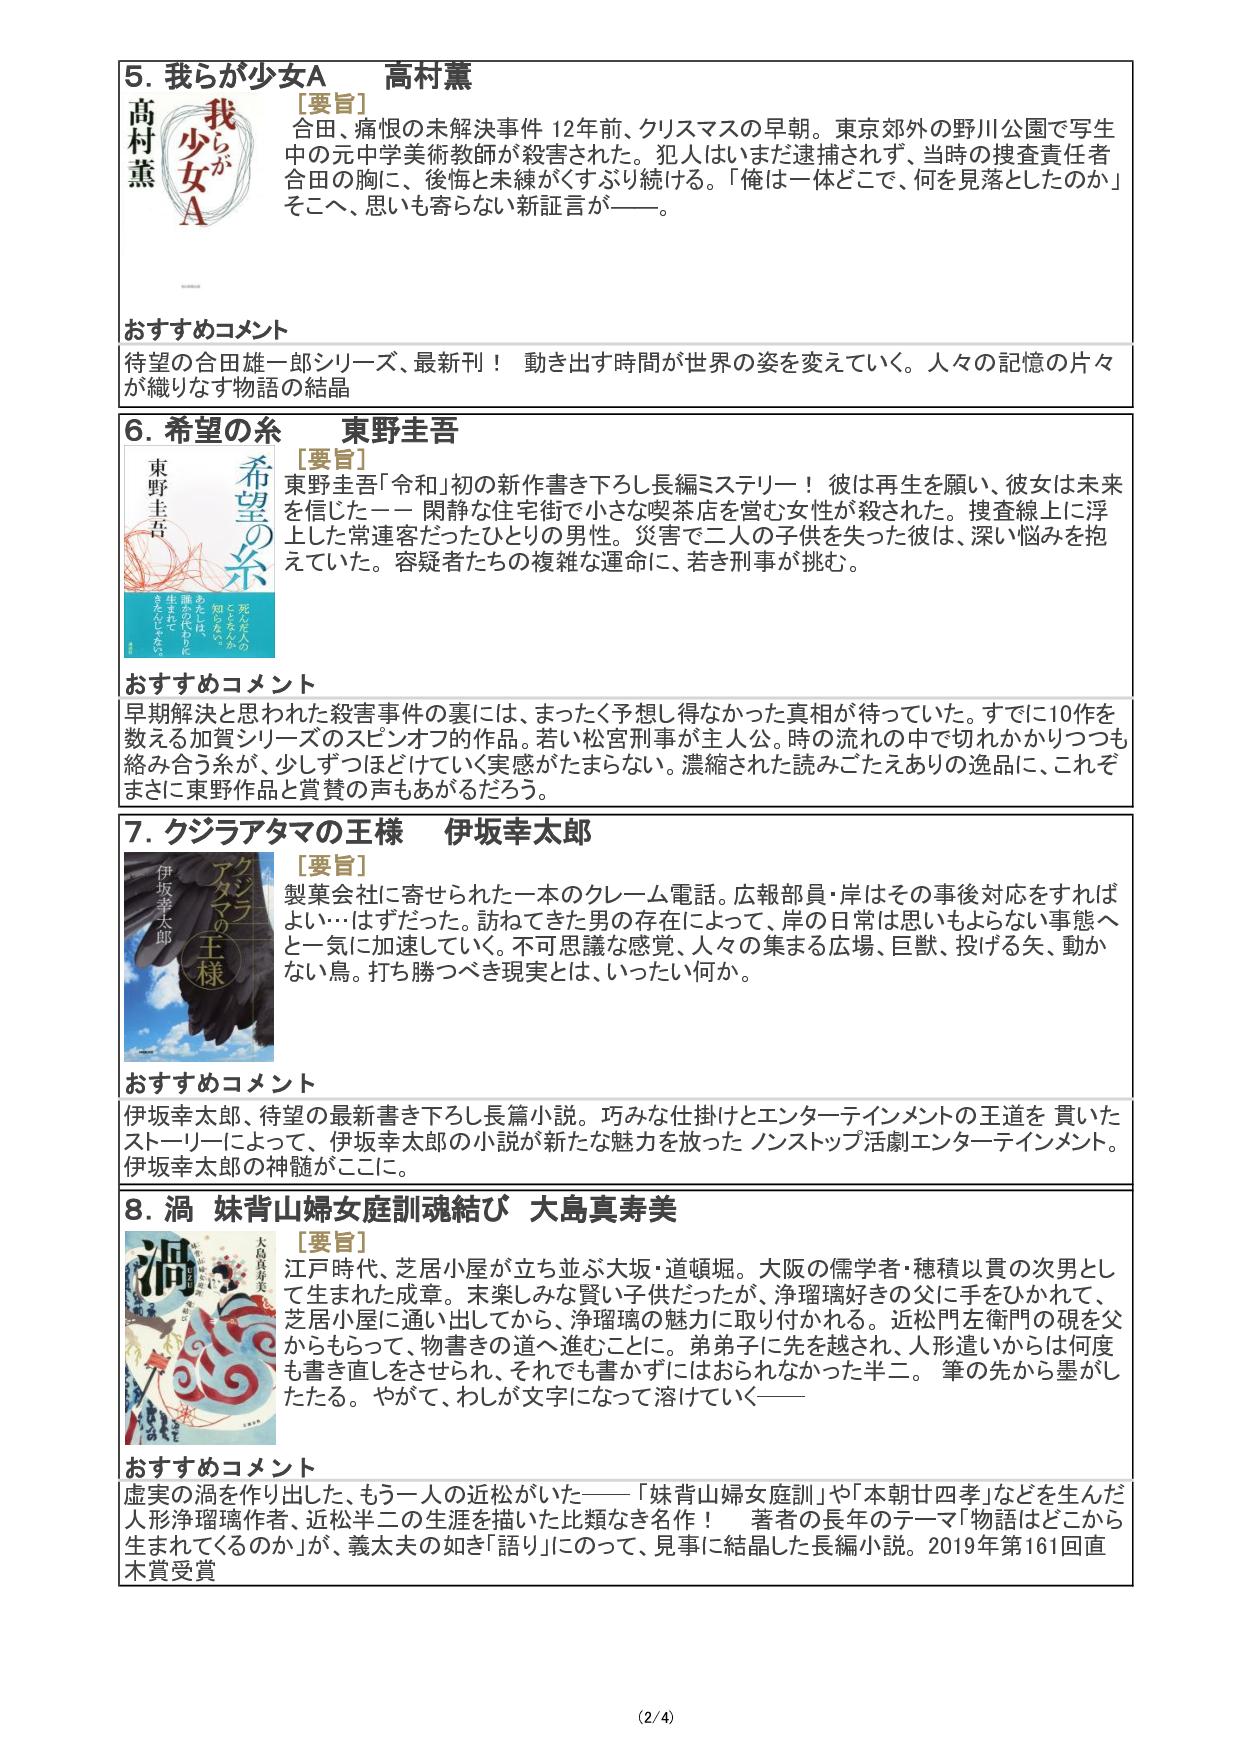 配架本紹介2019年9月分_p002